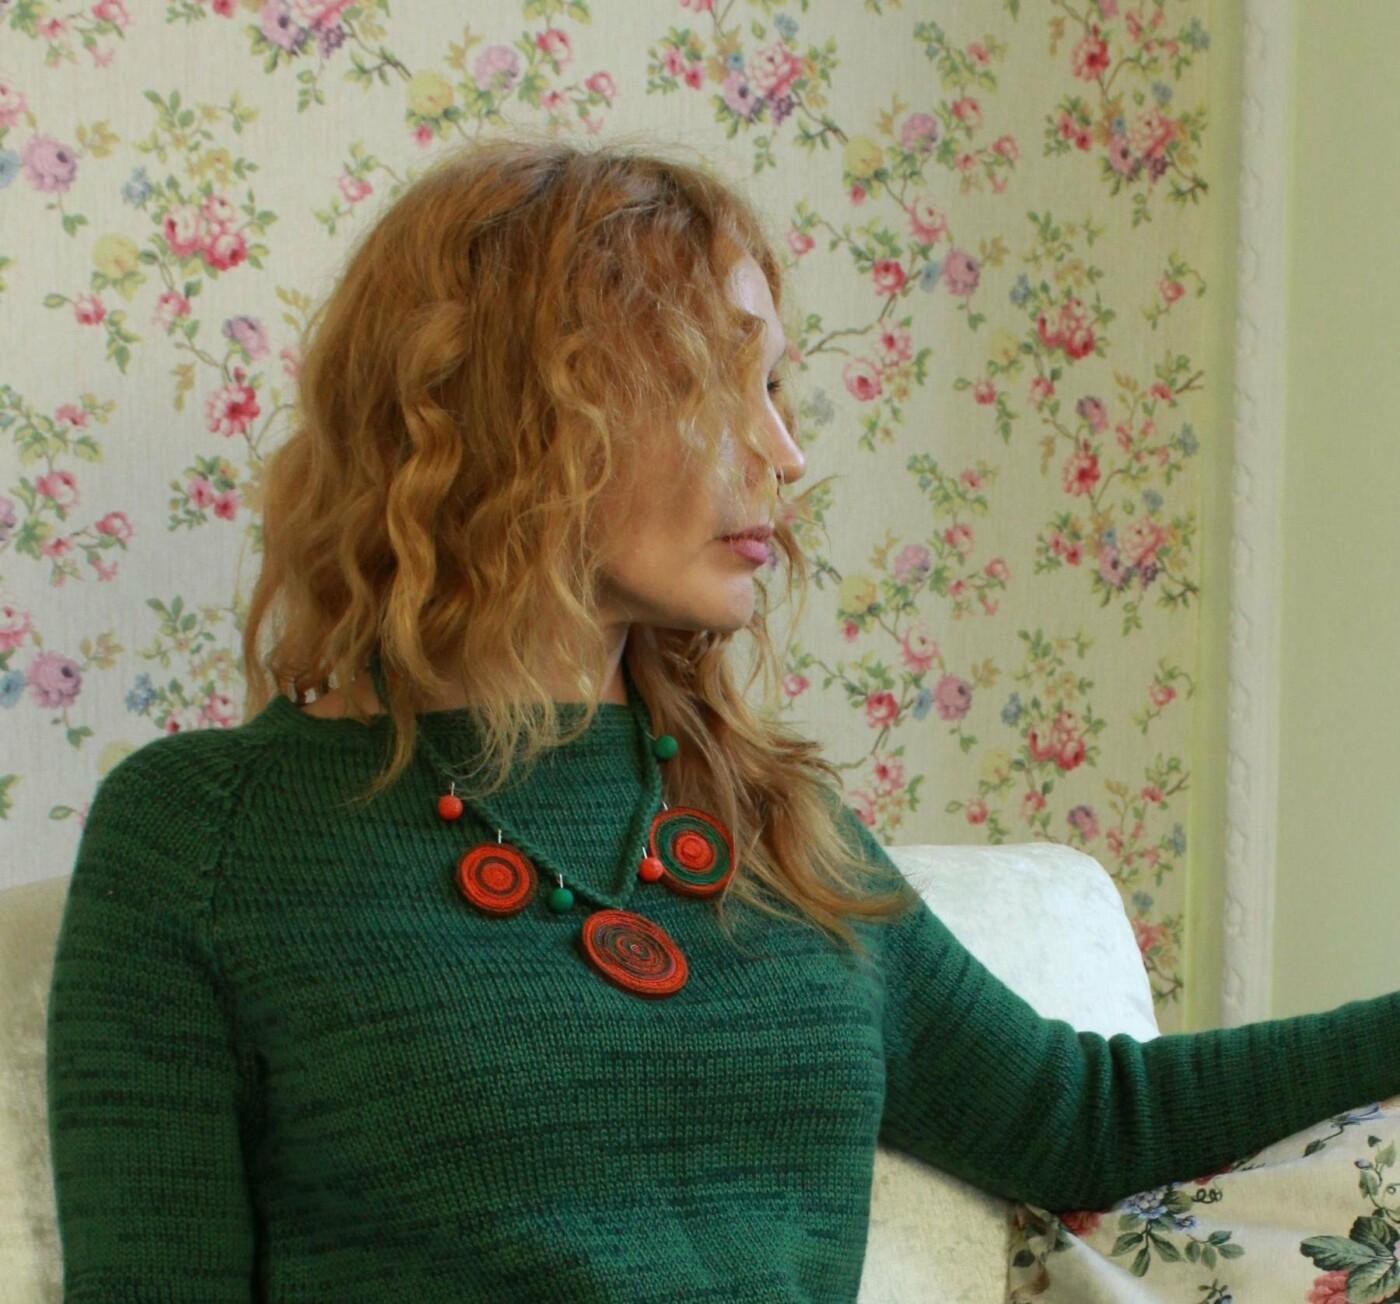 «Я вяжу уже более 50 лет и до сих пор засиживаюсь ночами со спицами» – мастерица из Днепра о вязании, семейном бренде и знаменитых клиентах, фото-2